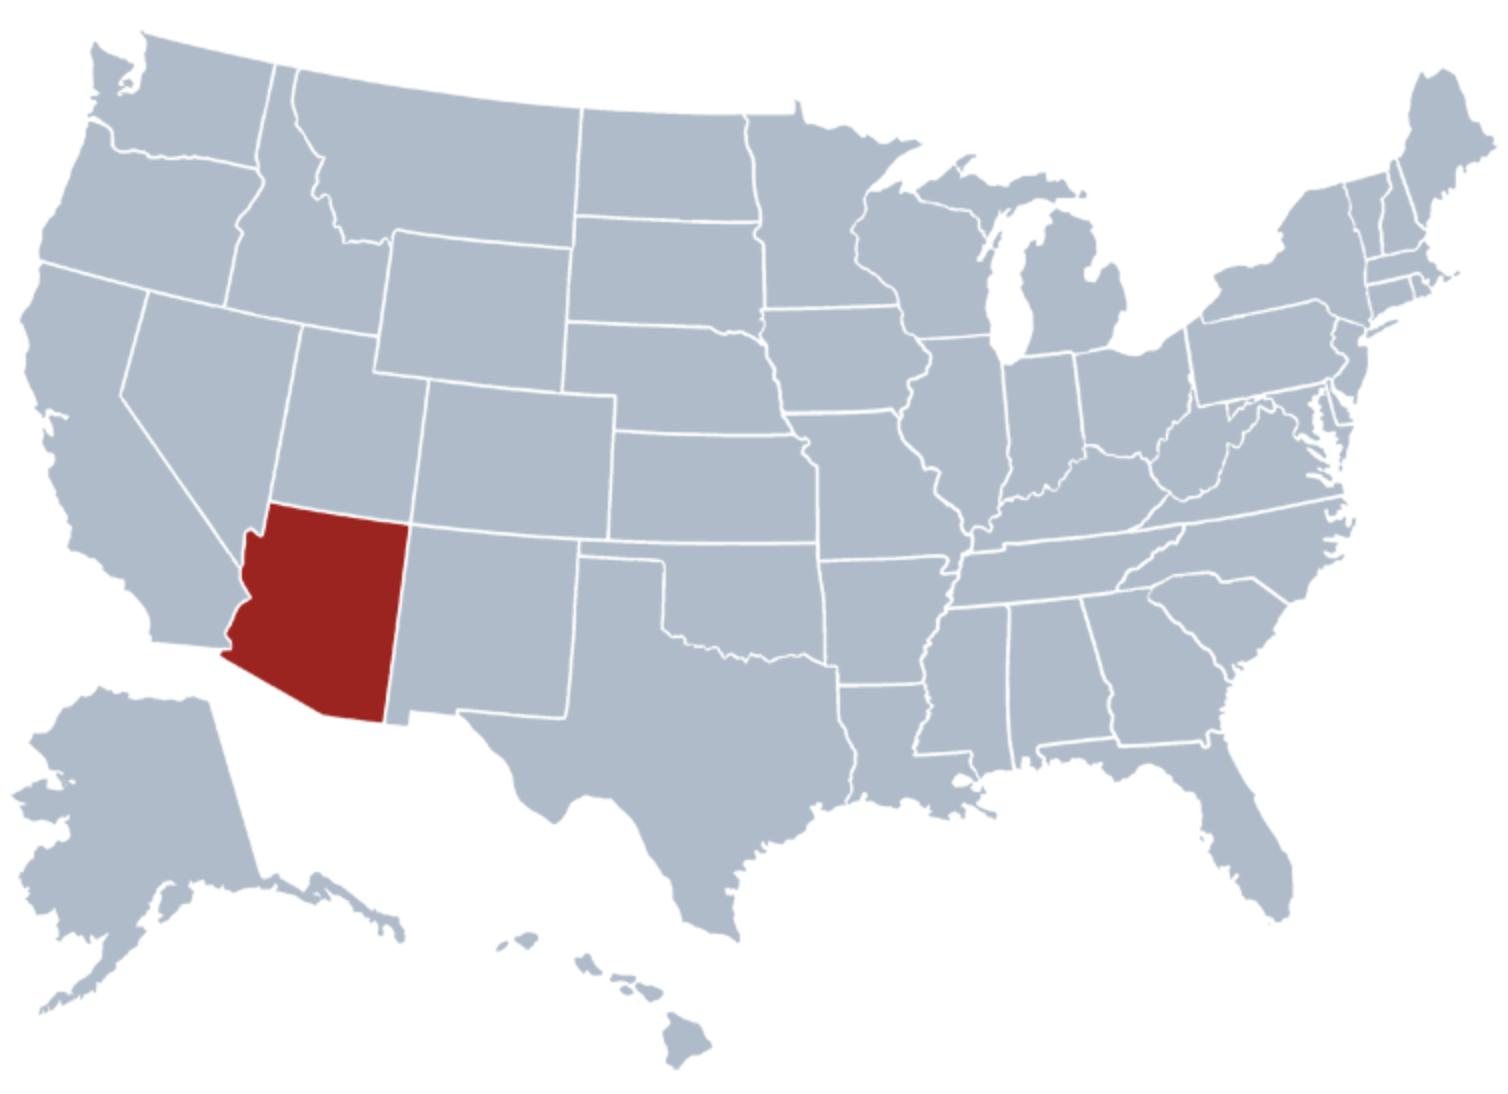 アメリカ地図ーアリゾナ州